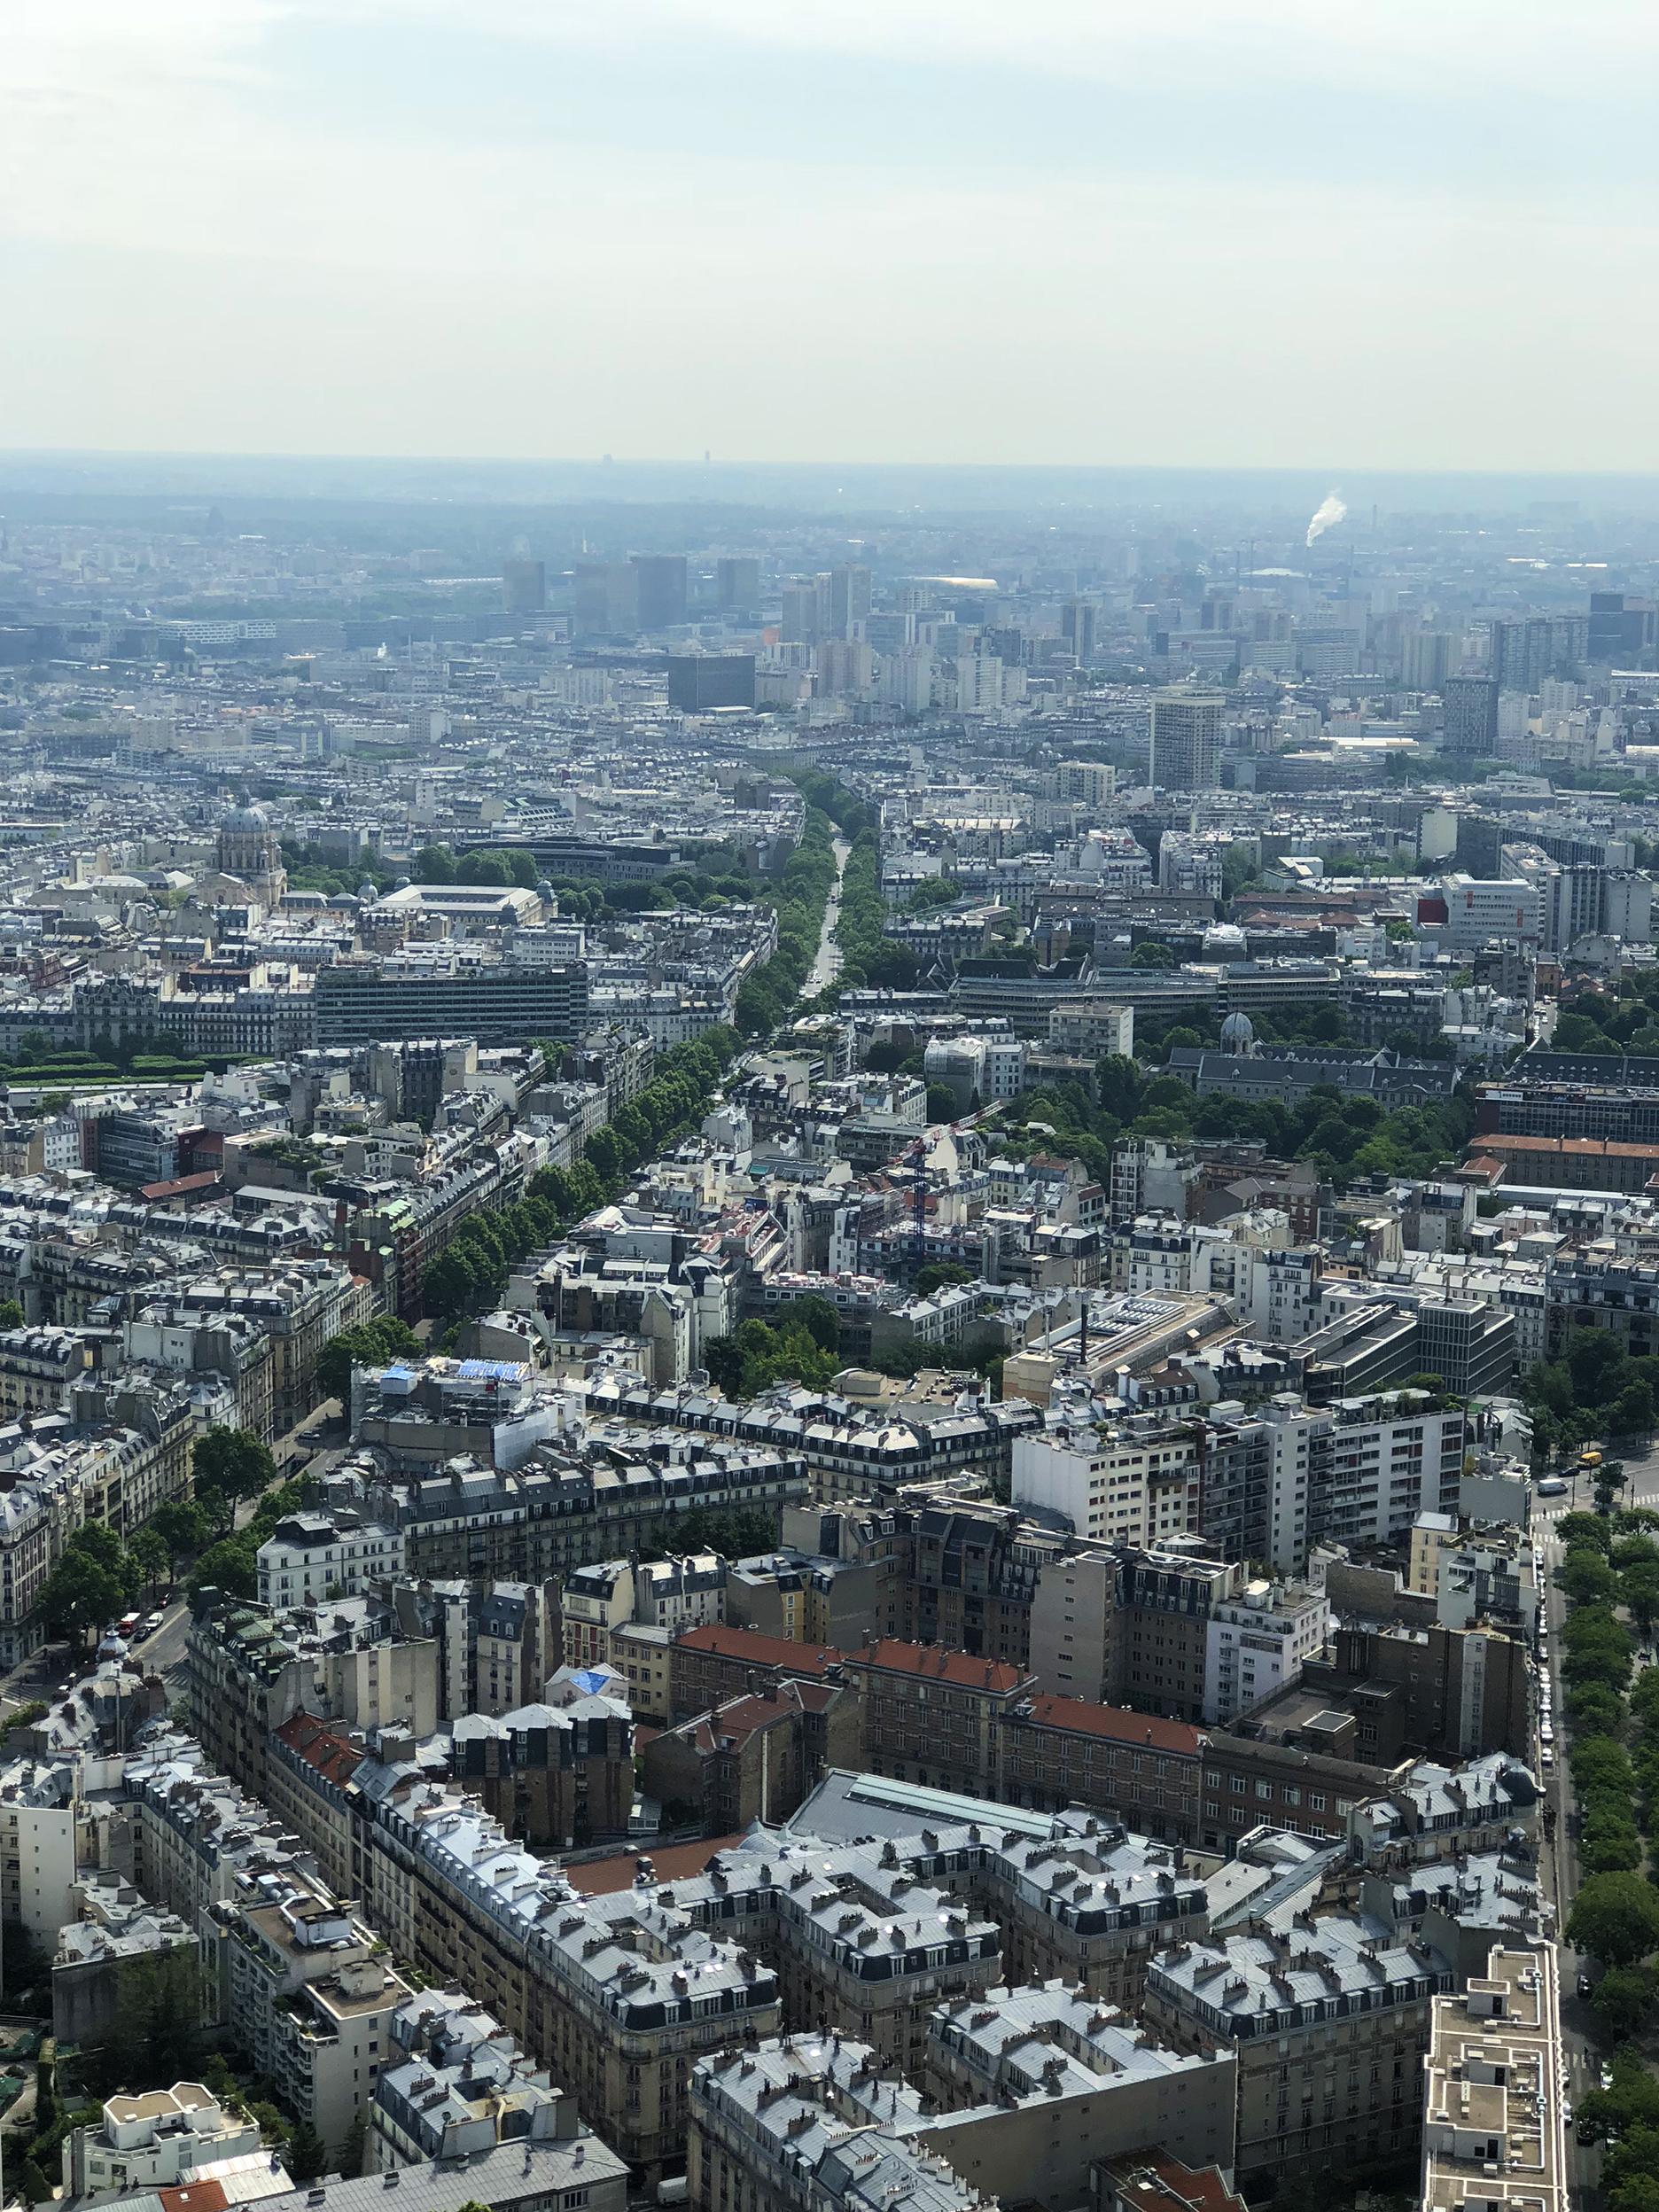 """Looking East: Val de Grâce, boulevard de Port Royal, bibliothèque F. Mitterrand (""""open book"""" buildings), the apartment buildings around place d'Italie."""